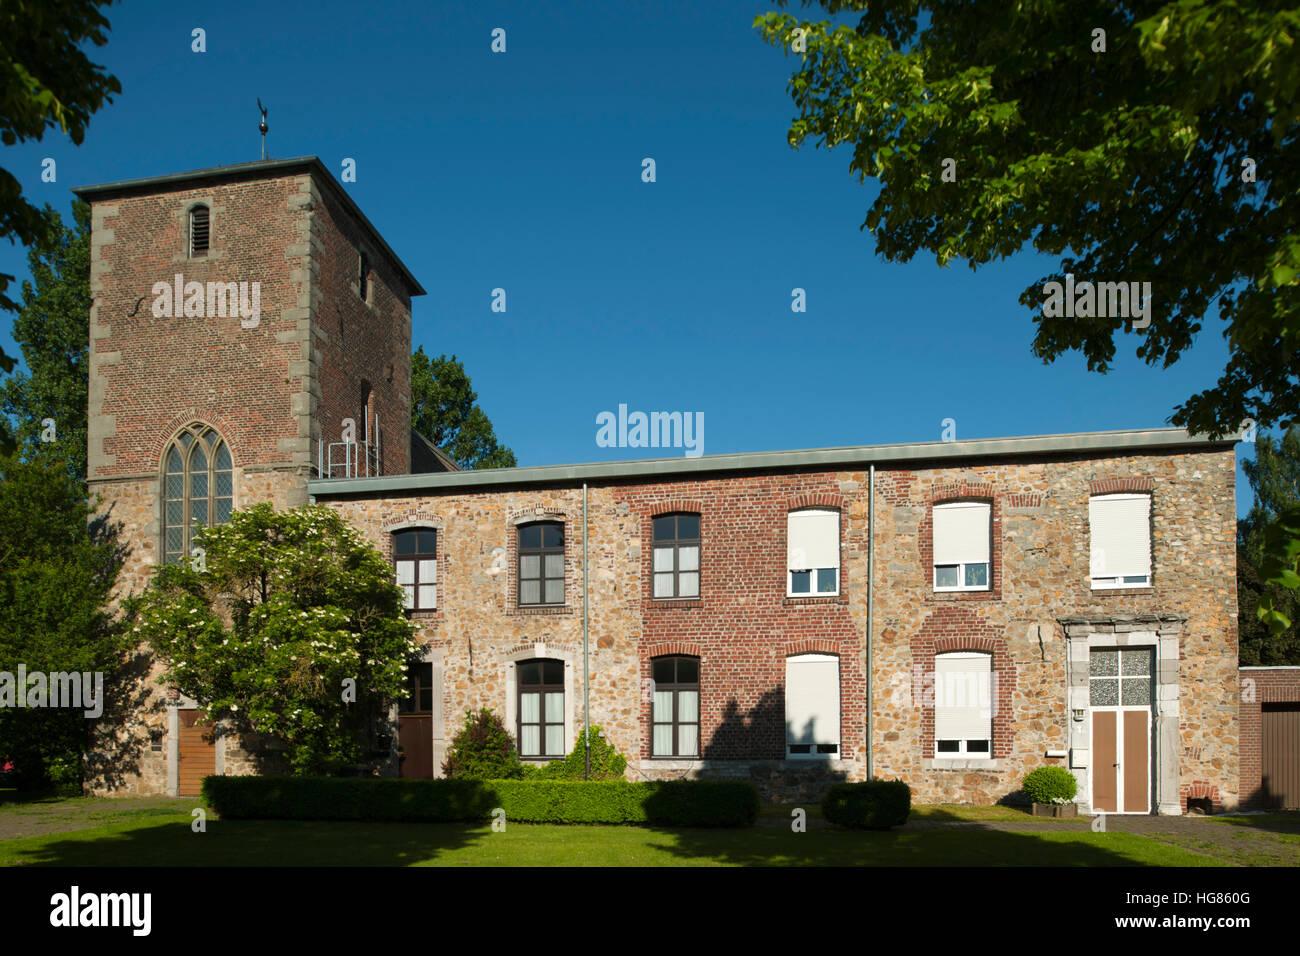 Deutschland, NRW, Städteregion Aachen, Eschweiler, Ortsteil Sankt Jöris, Rest des Klosterwohntrakts, beherbergt - Stock Image